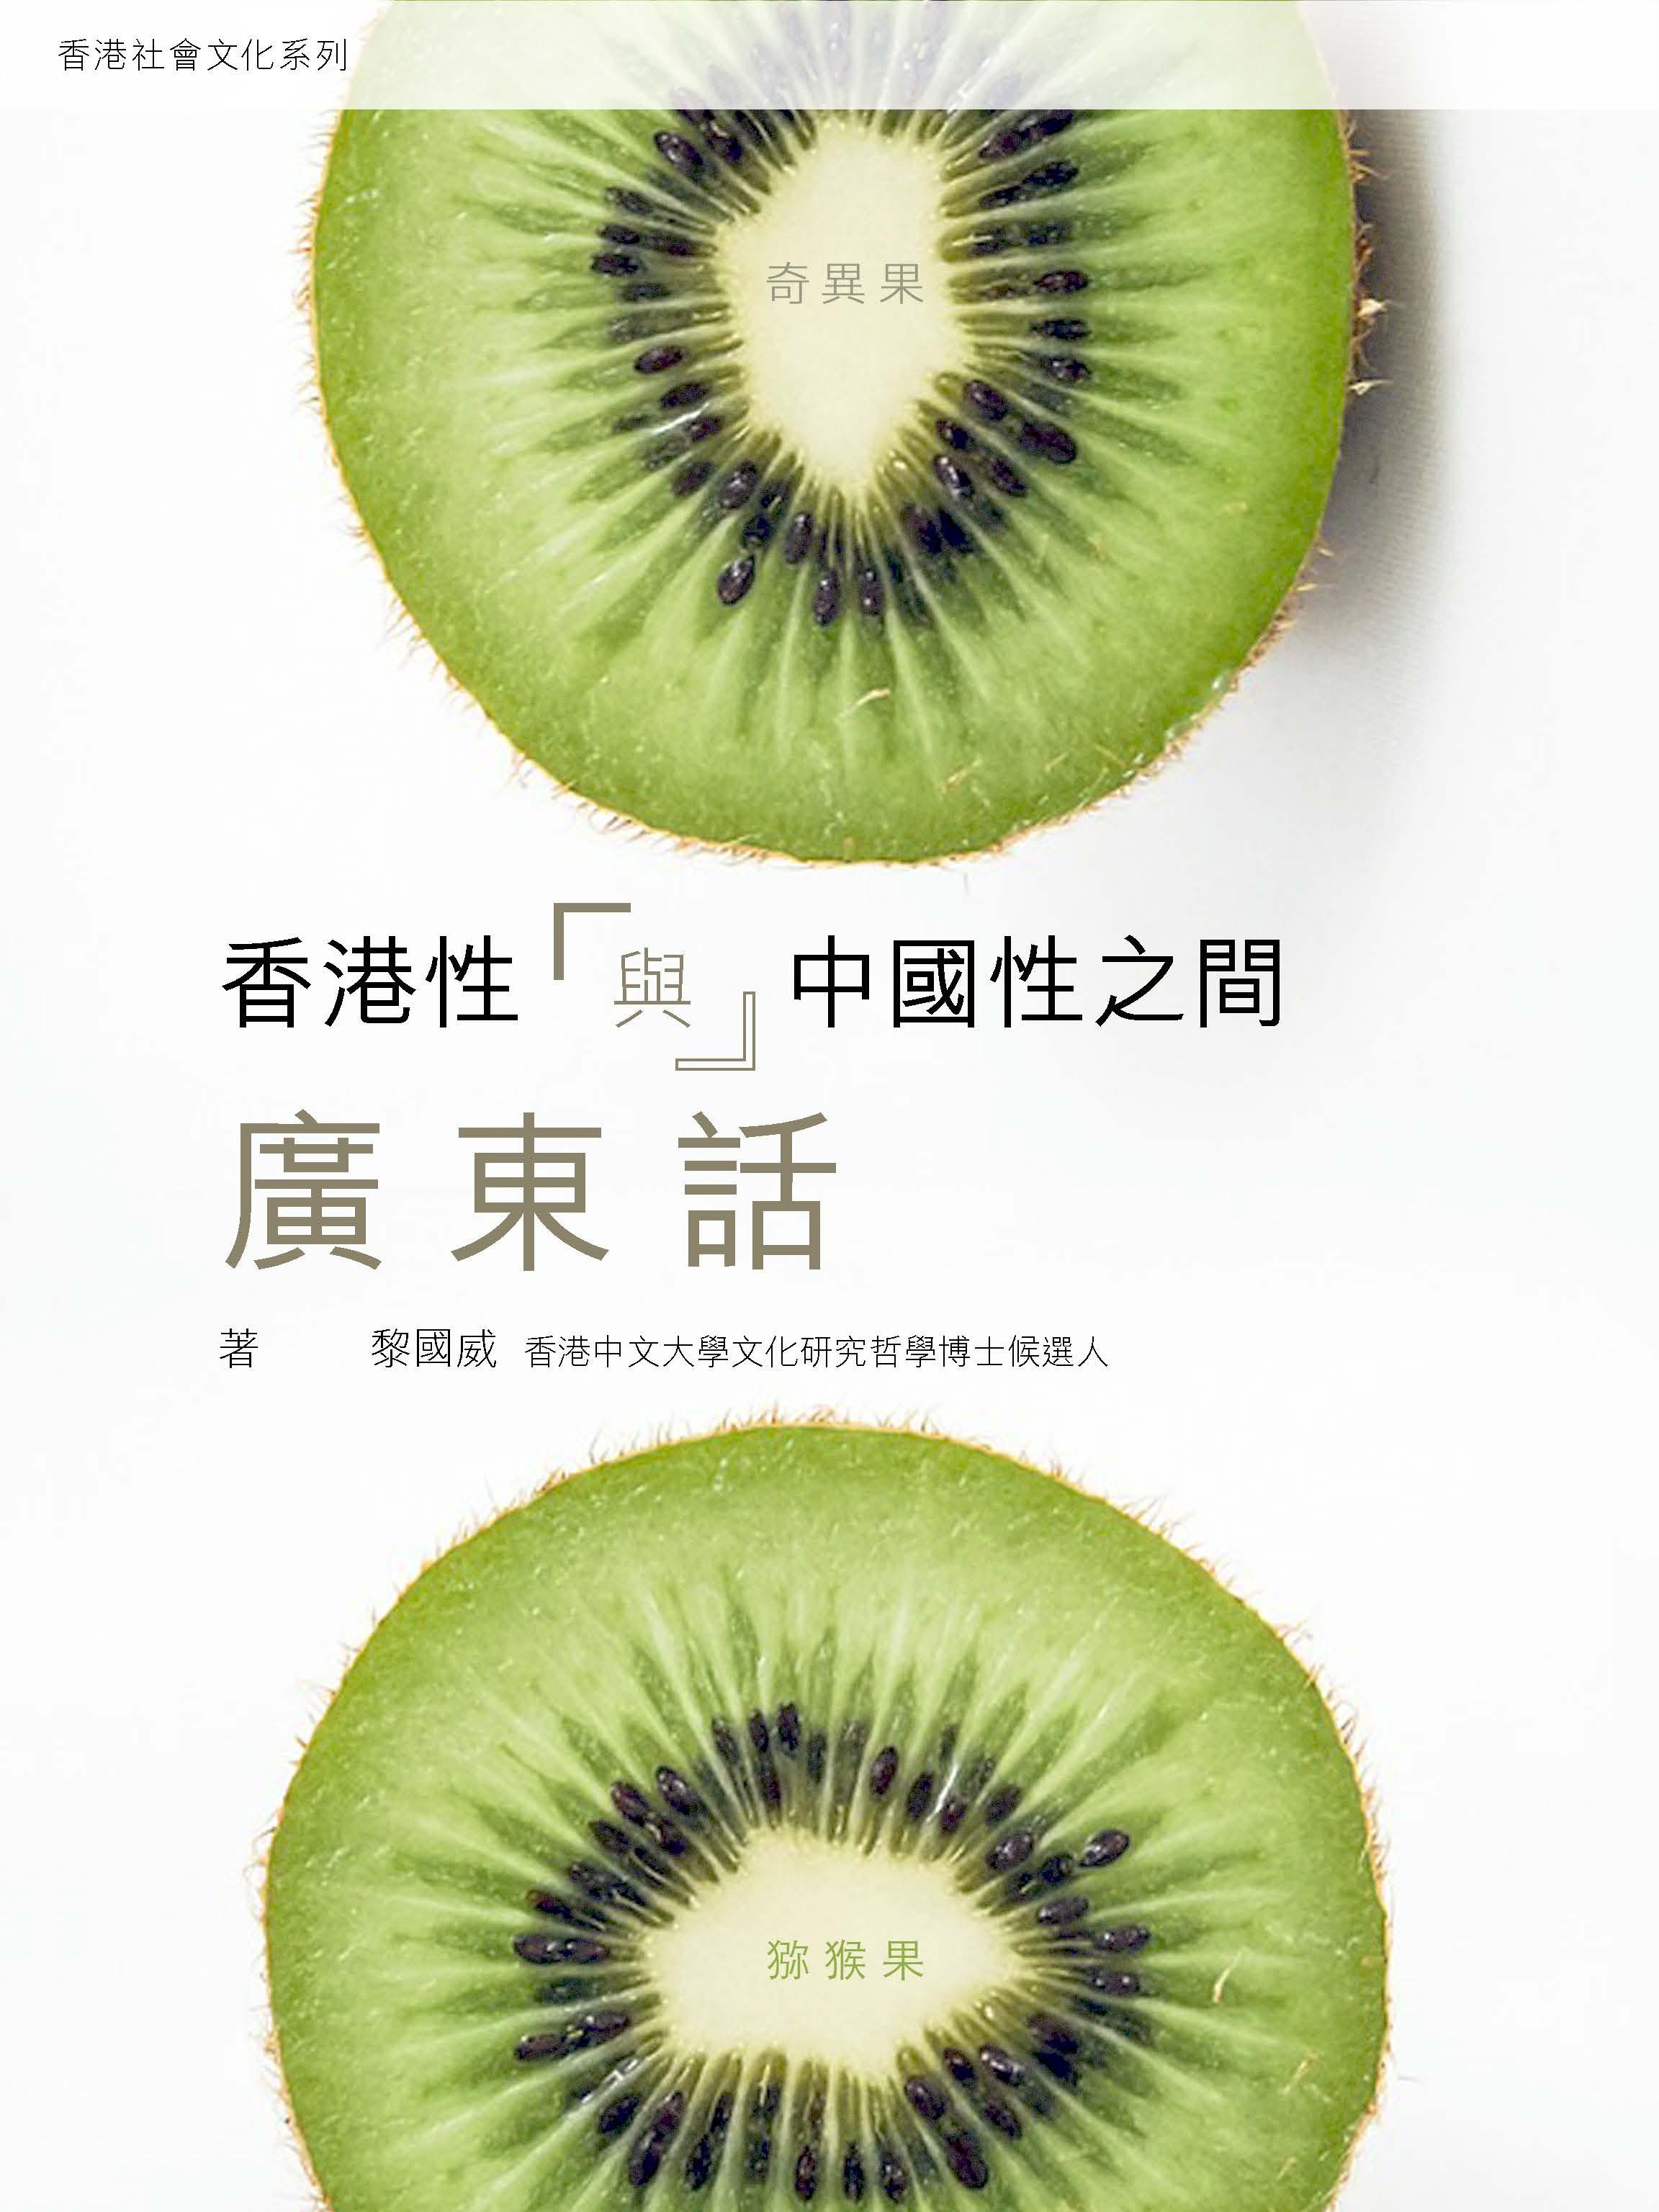 HKSCS-012-lkw